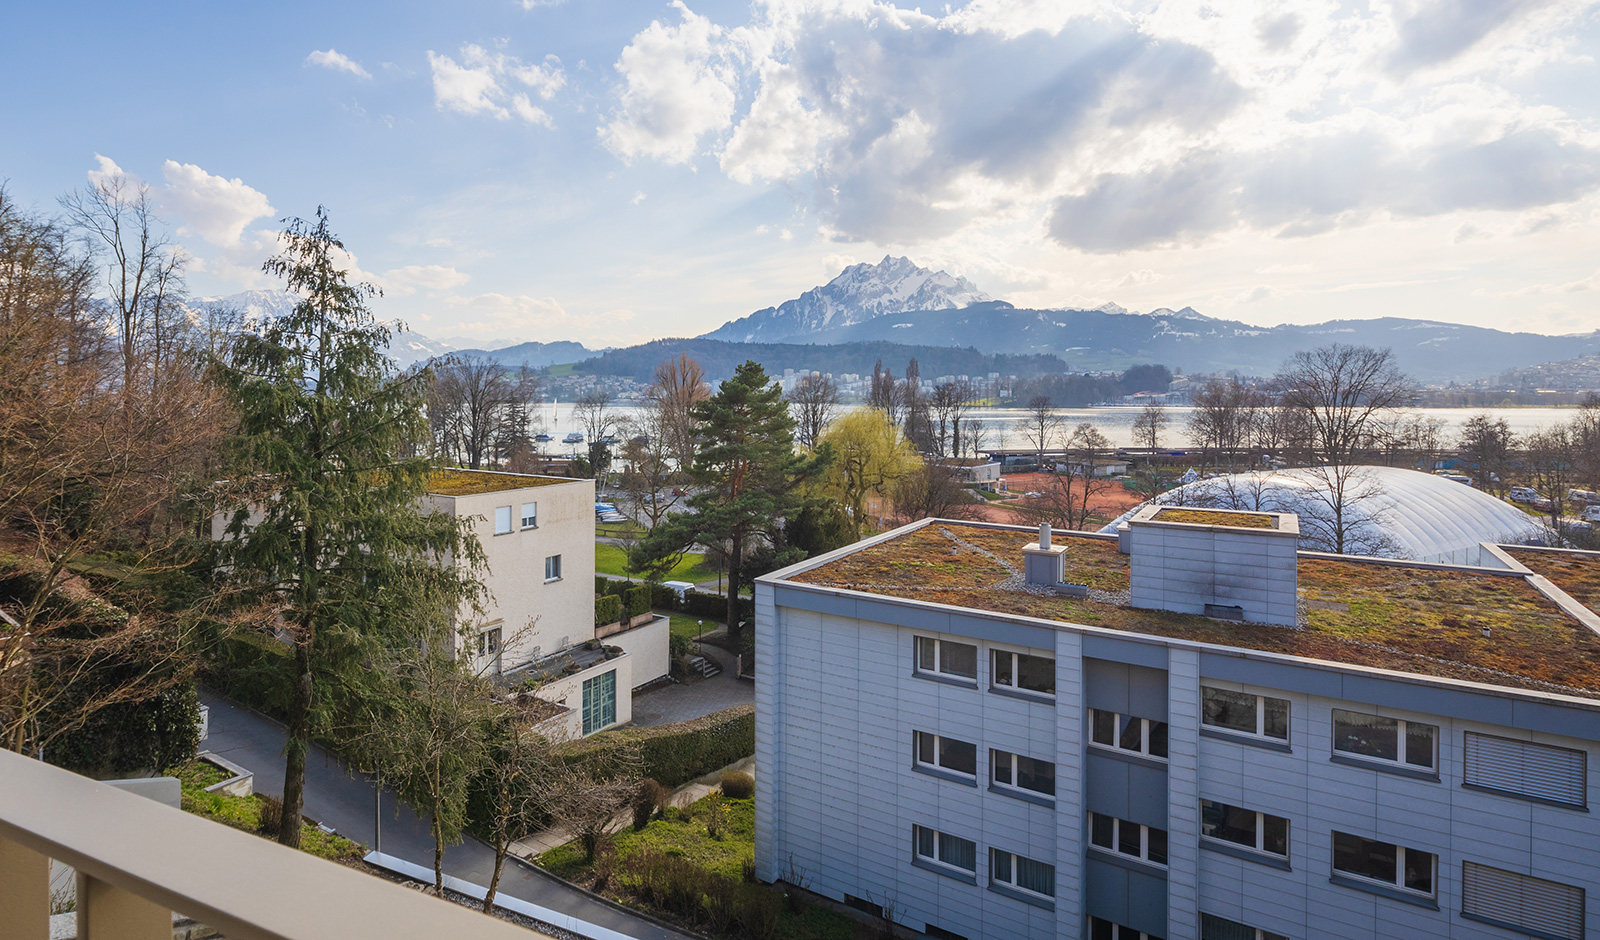 Eigentumswohnung der Extraklasse mit atemberaubendem Panorama